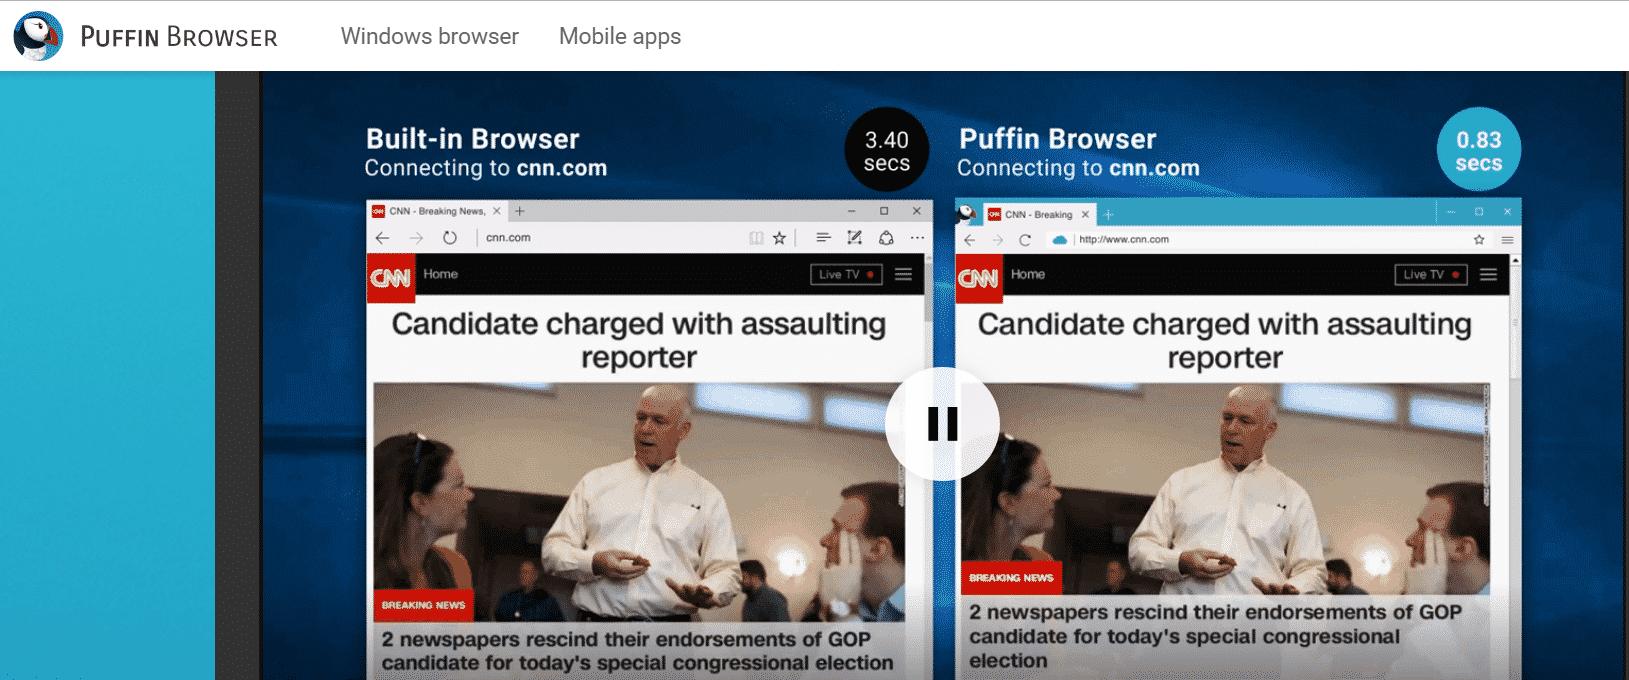 متصفح بوفين طريقة استخدام متصفح بوفين Puffin لمختلف الأجهزة 2